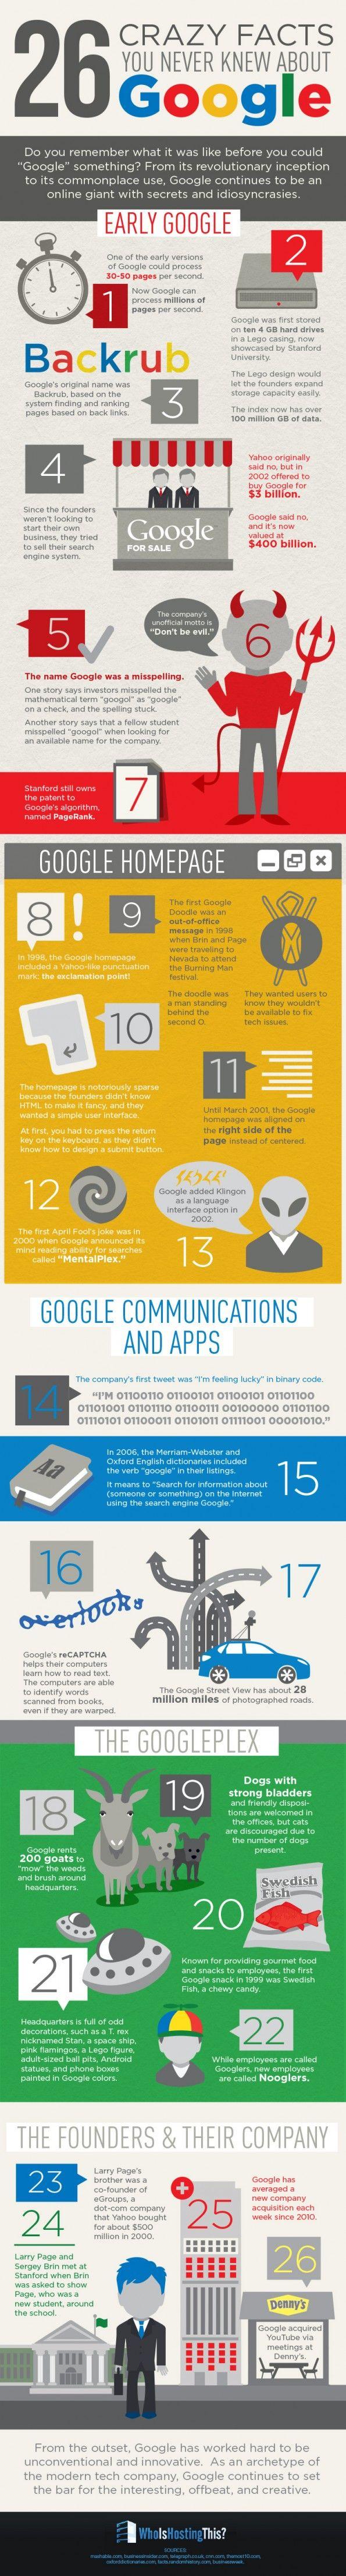 26 grappige feiten over Google die je nog niet kende #Infographic #Onlinemarketing #Google